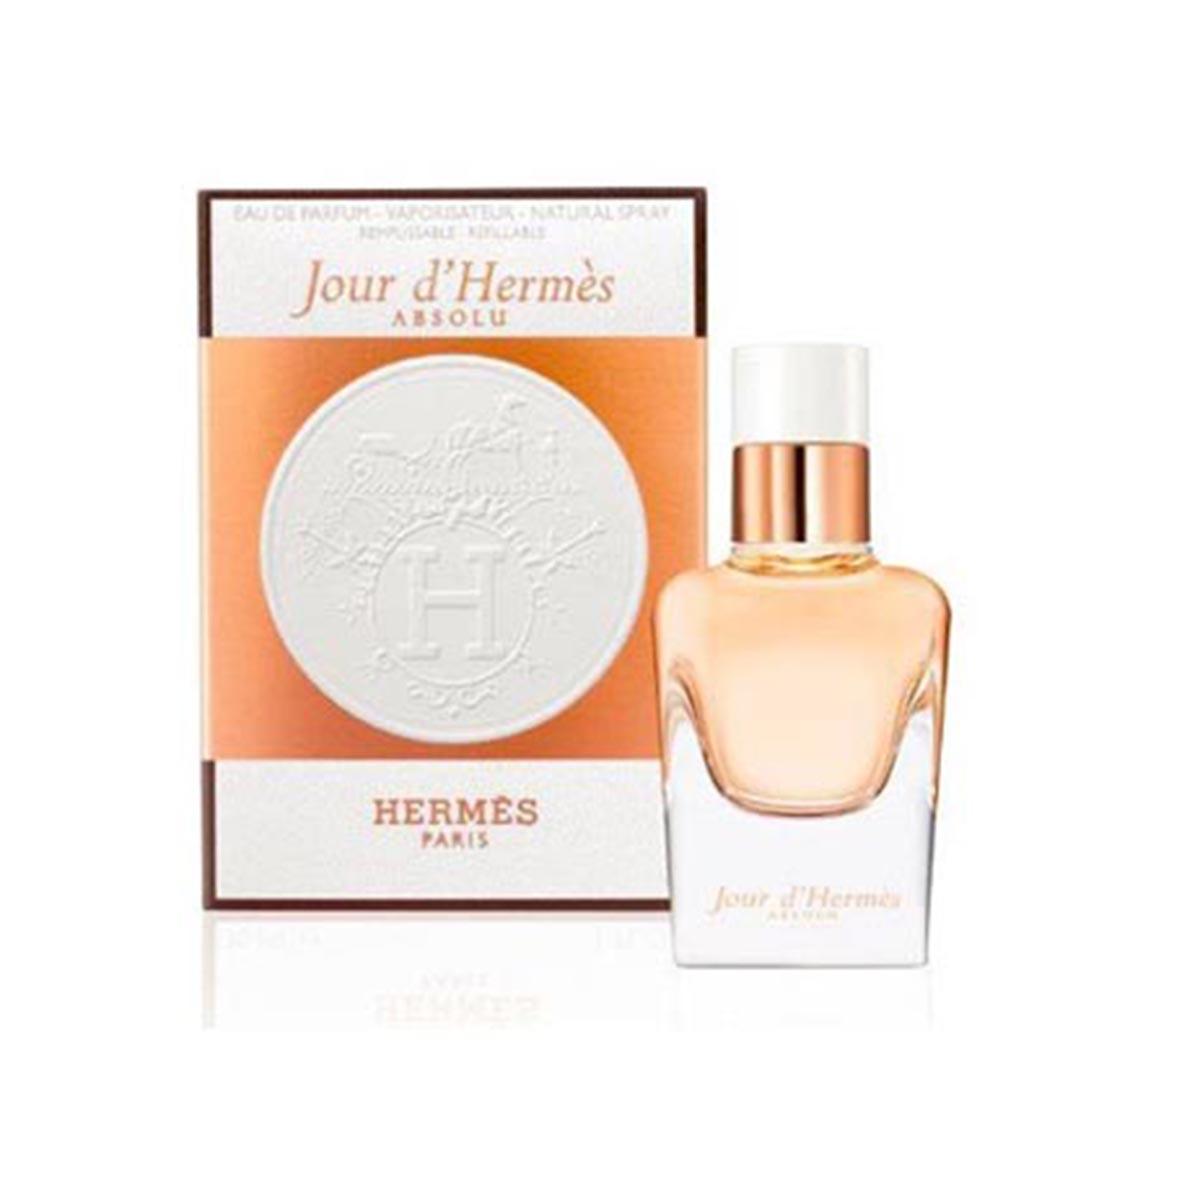 Hermes jour absolue eau de parfum 50ml recargable vaporizador